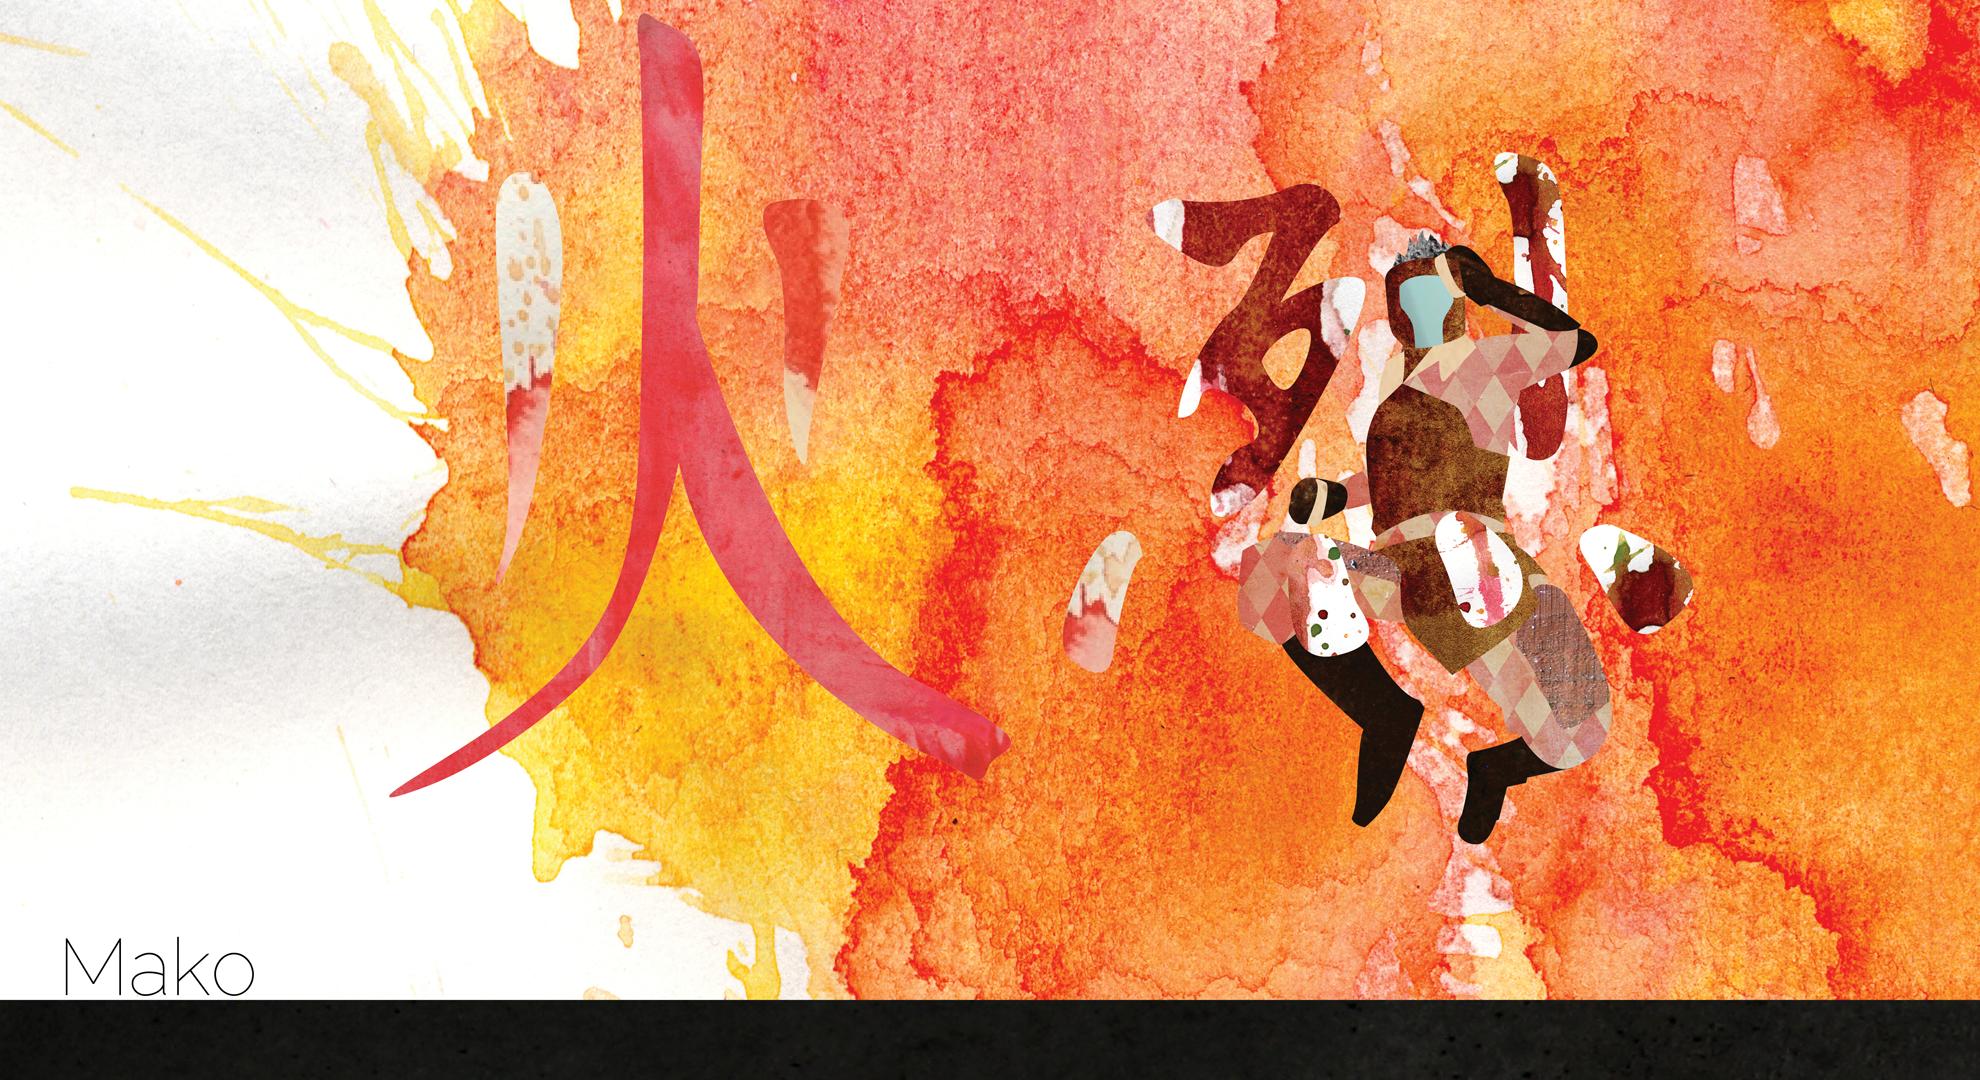 Mako Wallpaper by inkWanderer